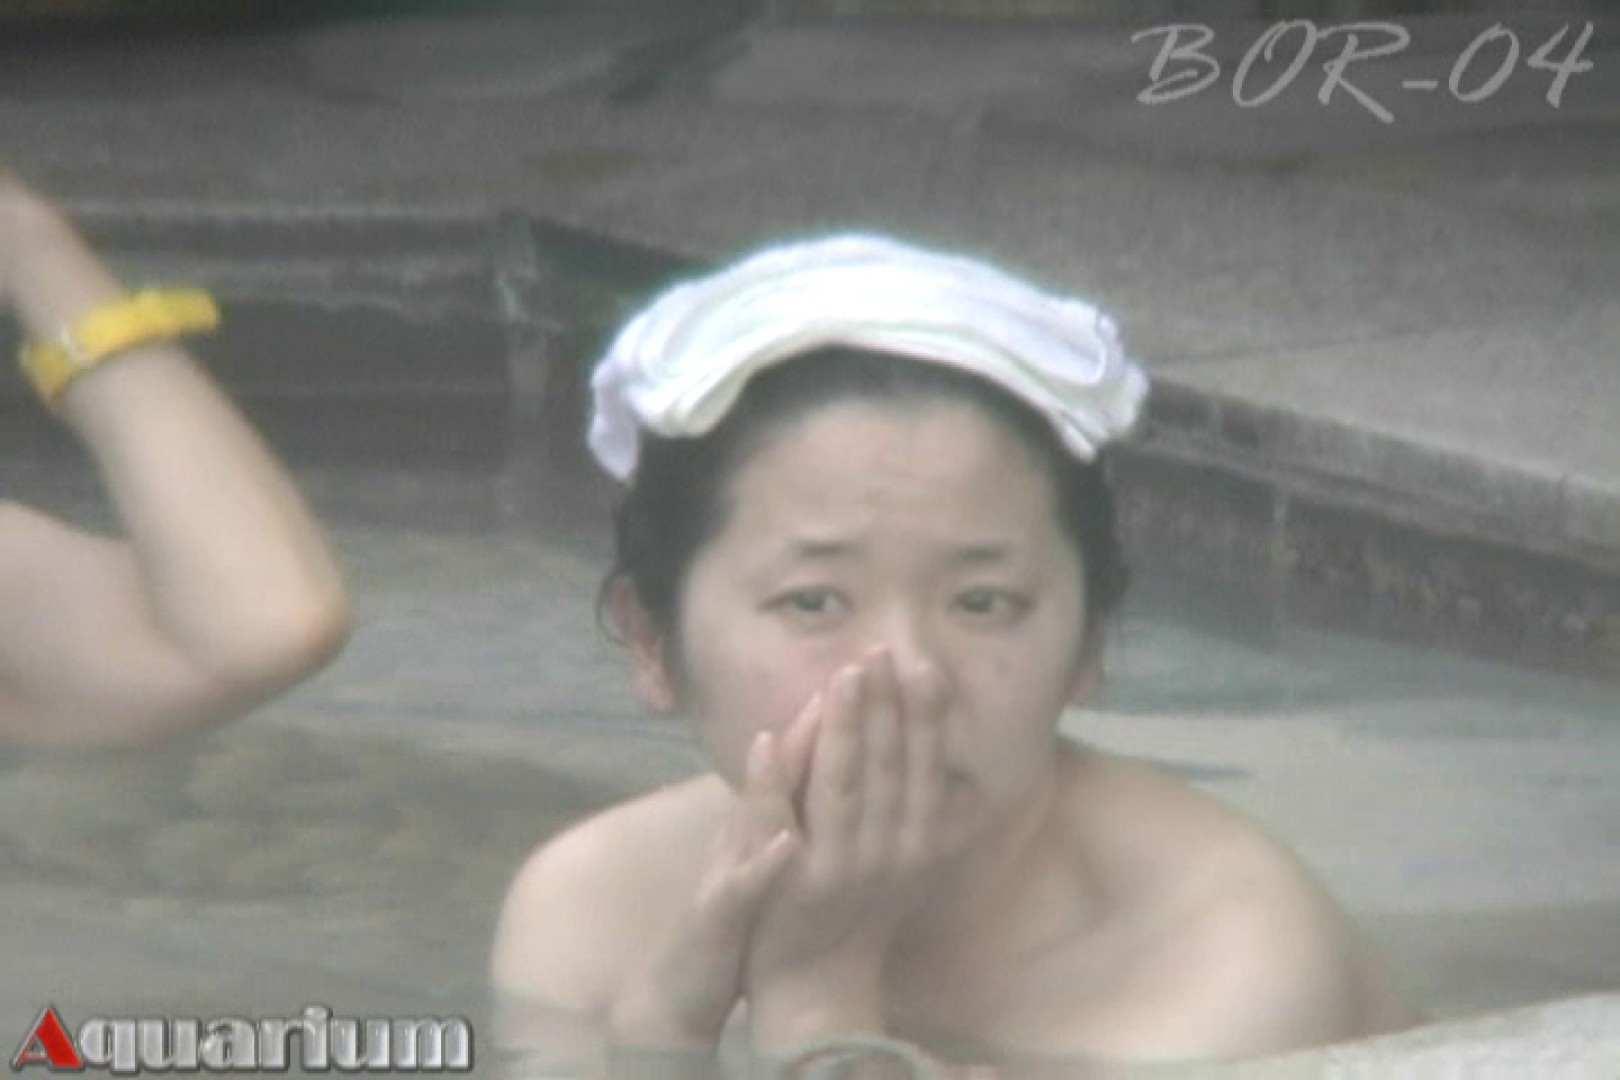 Aquaな露天風呂Vol.506 OLのエロ生活  99連発 78